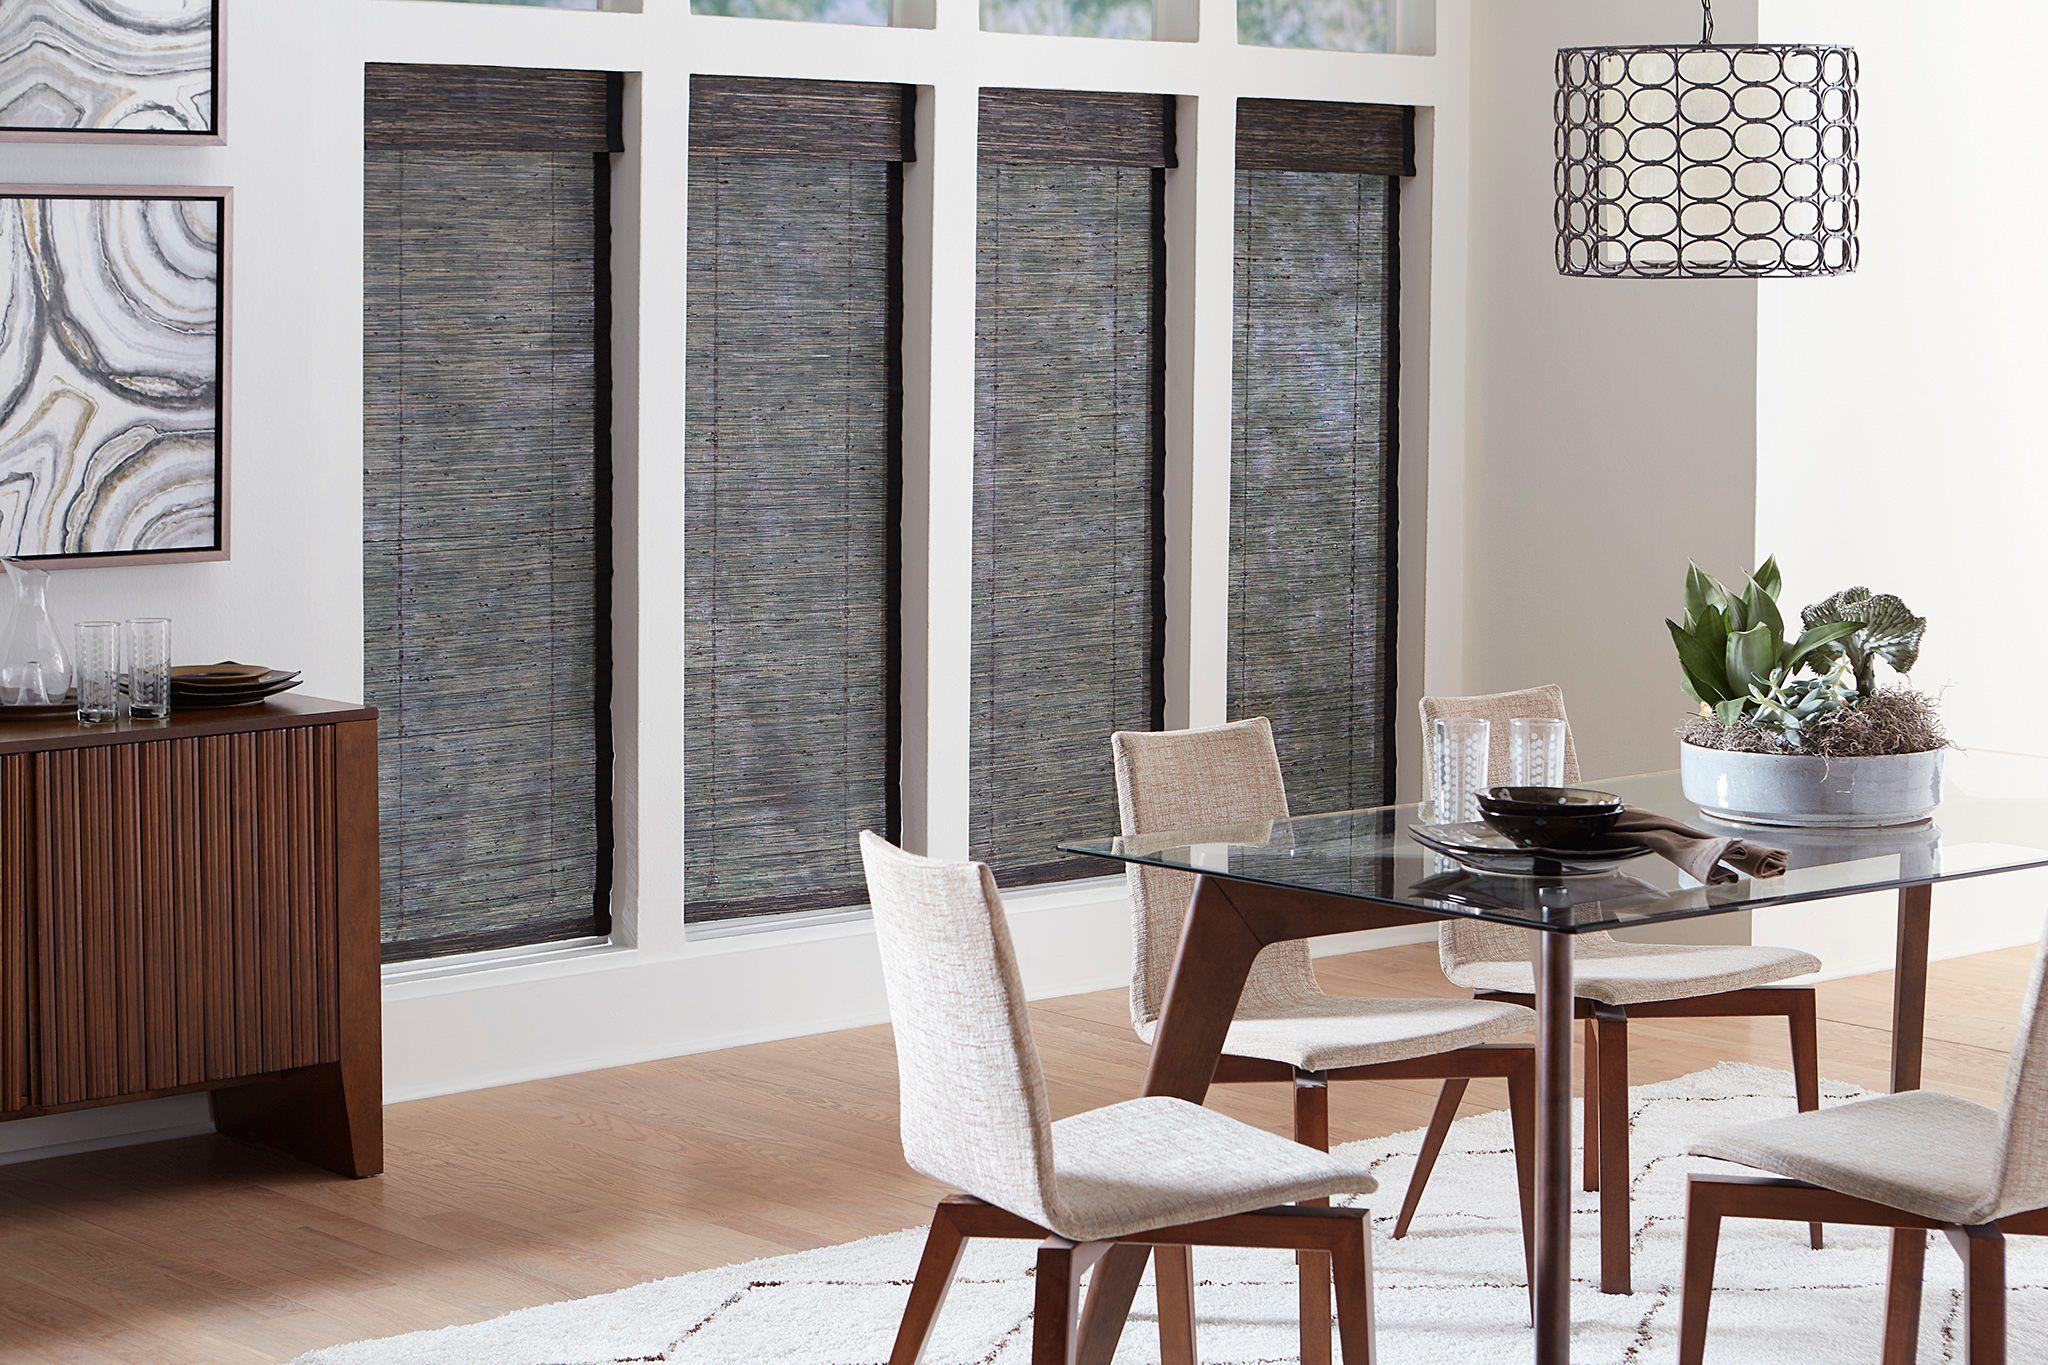 woven wood shades  05